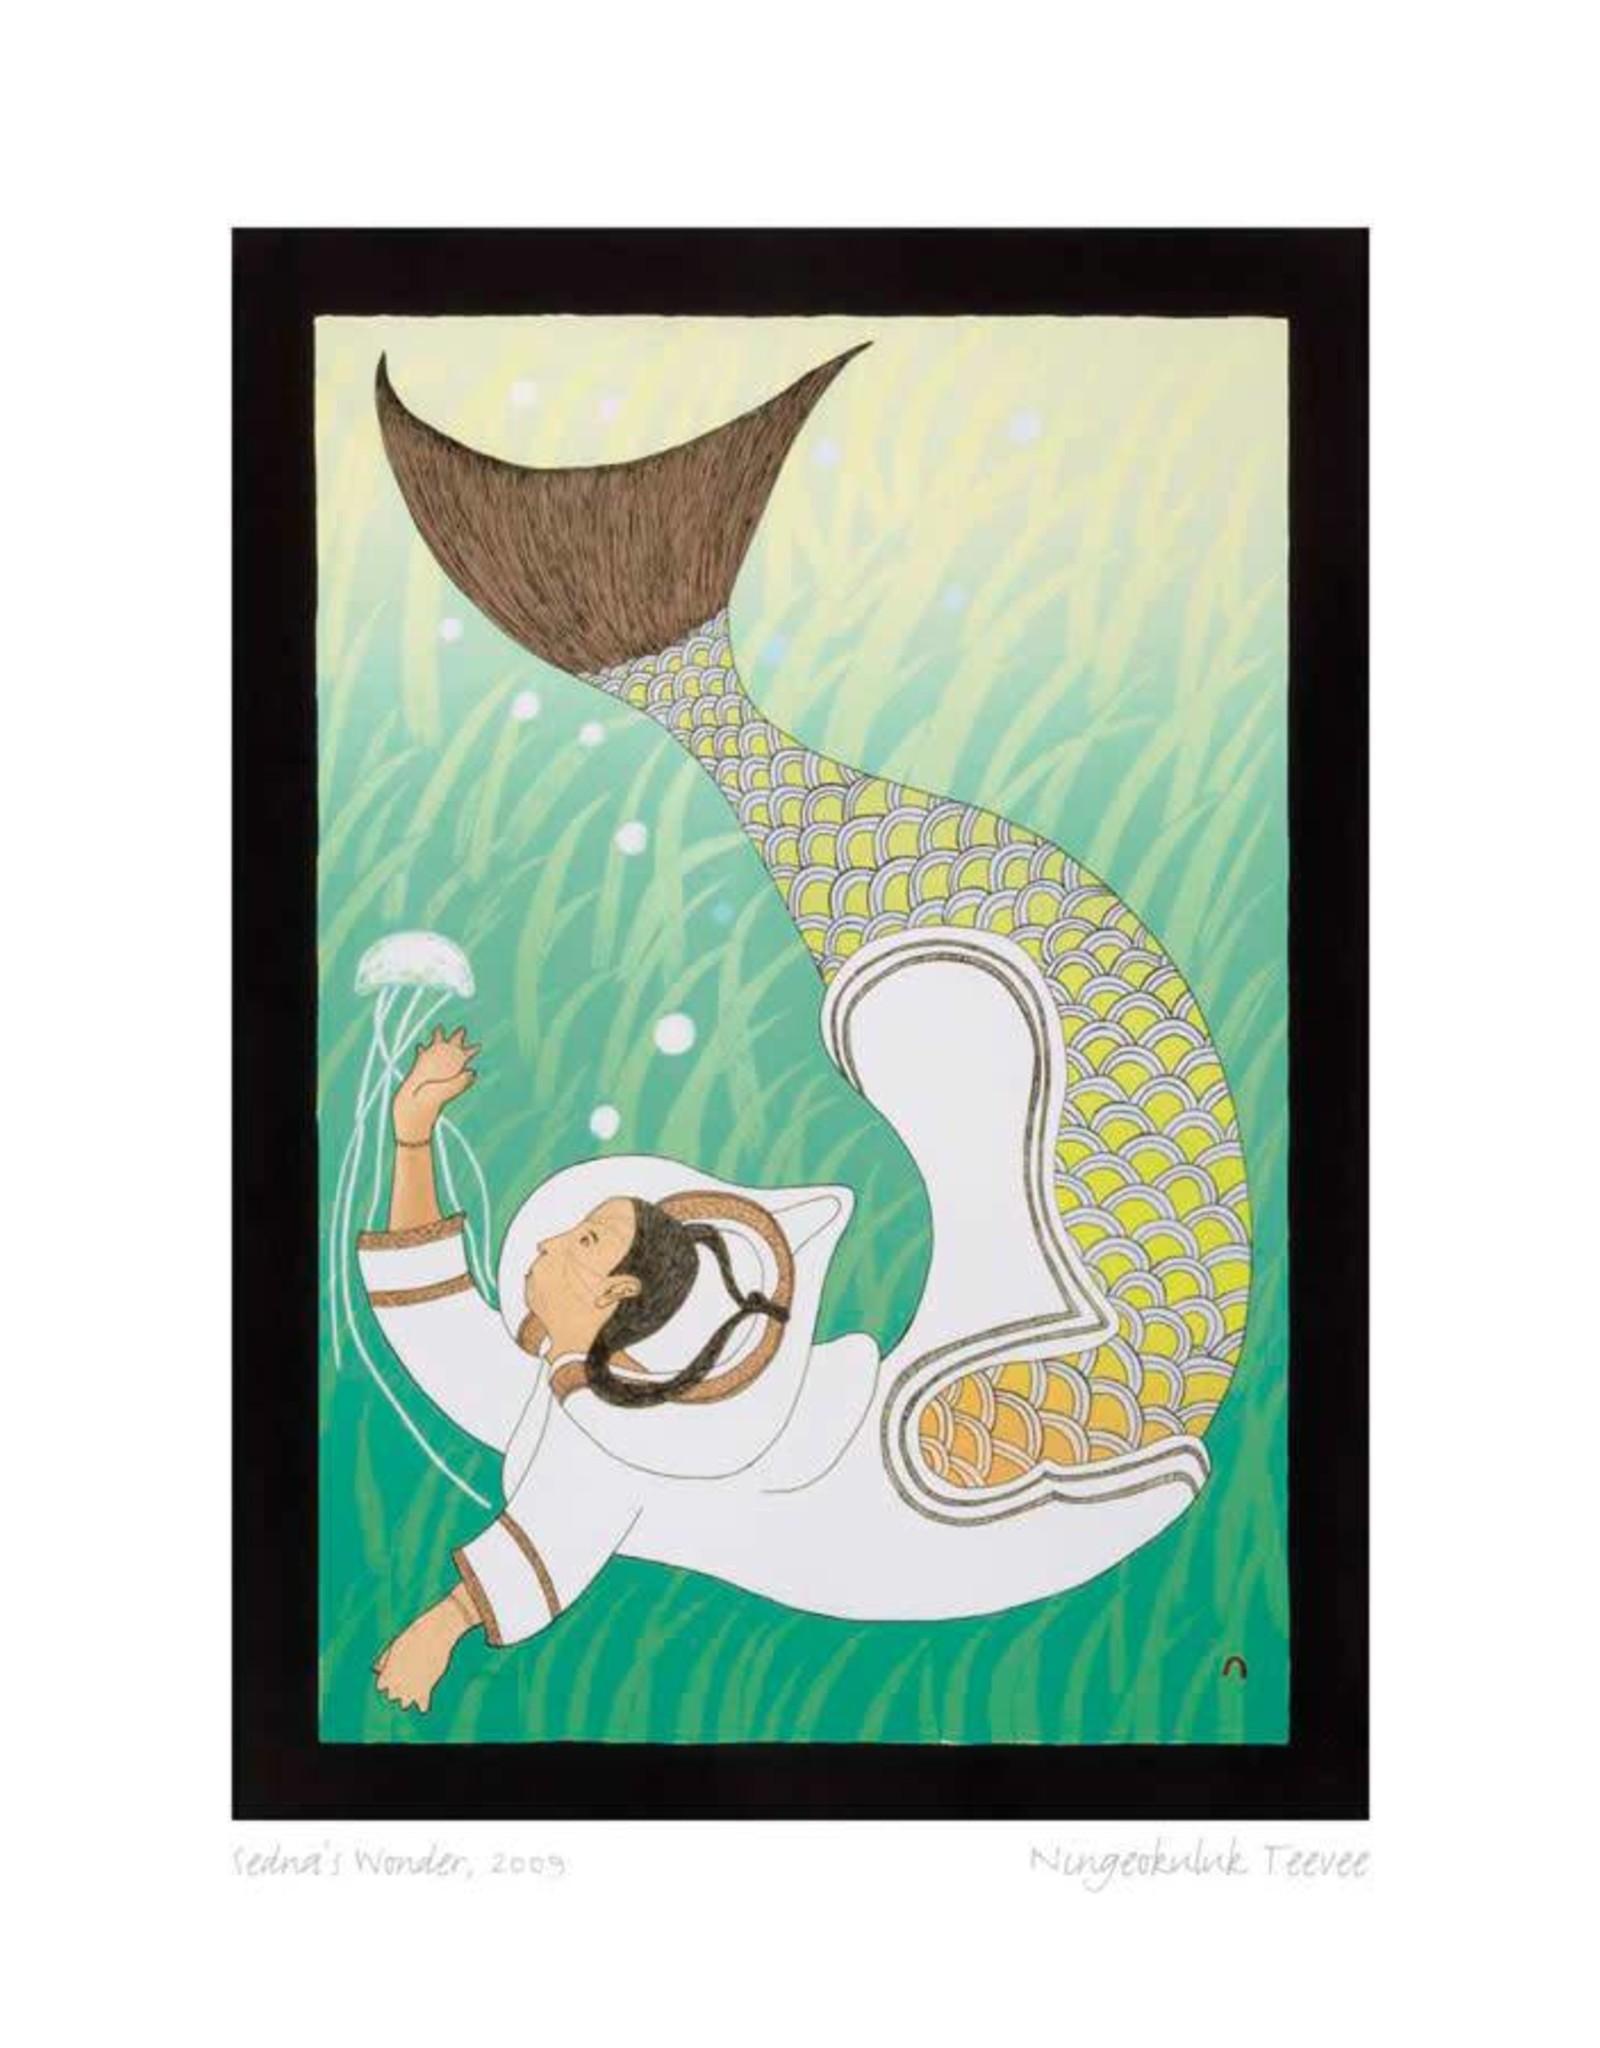 Sedna's Wonder, 2009 by Ningeokuluk Teevee Card